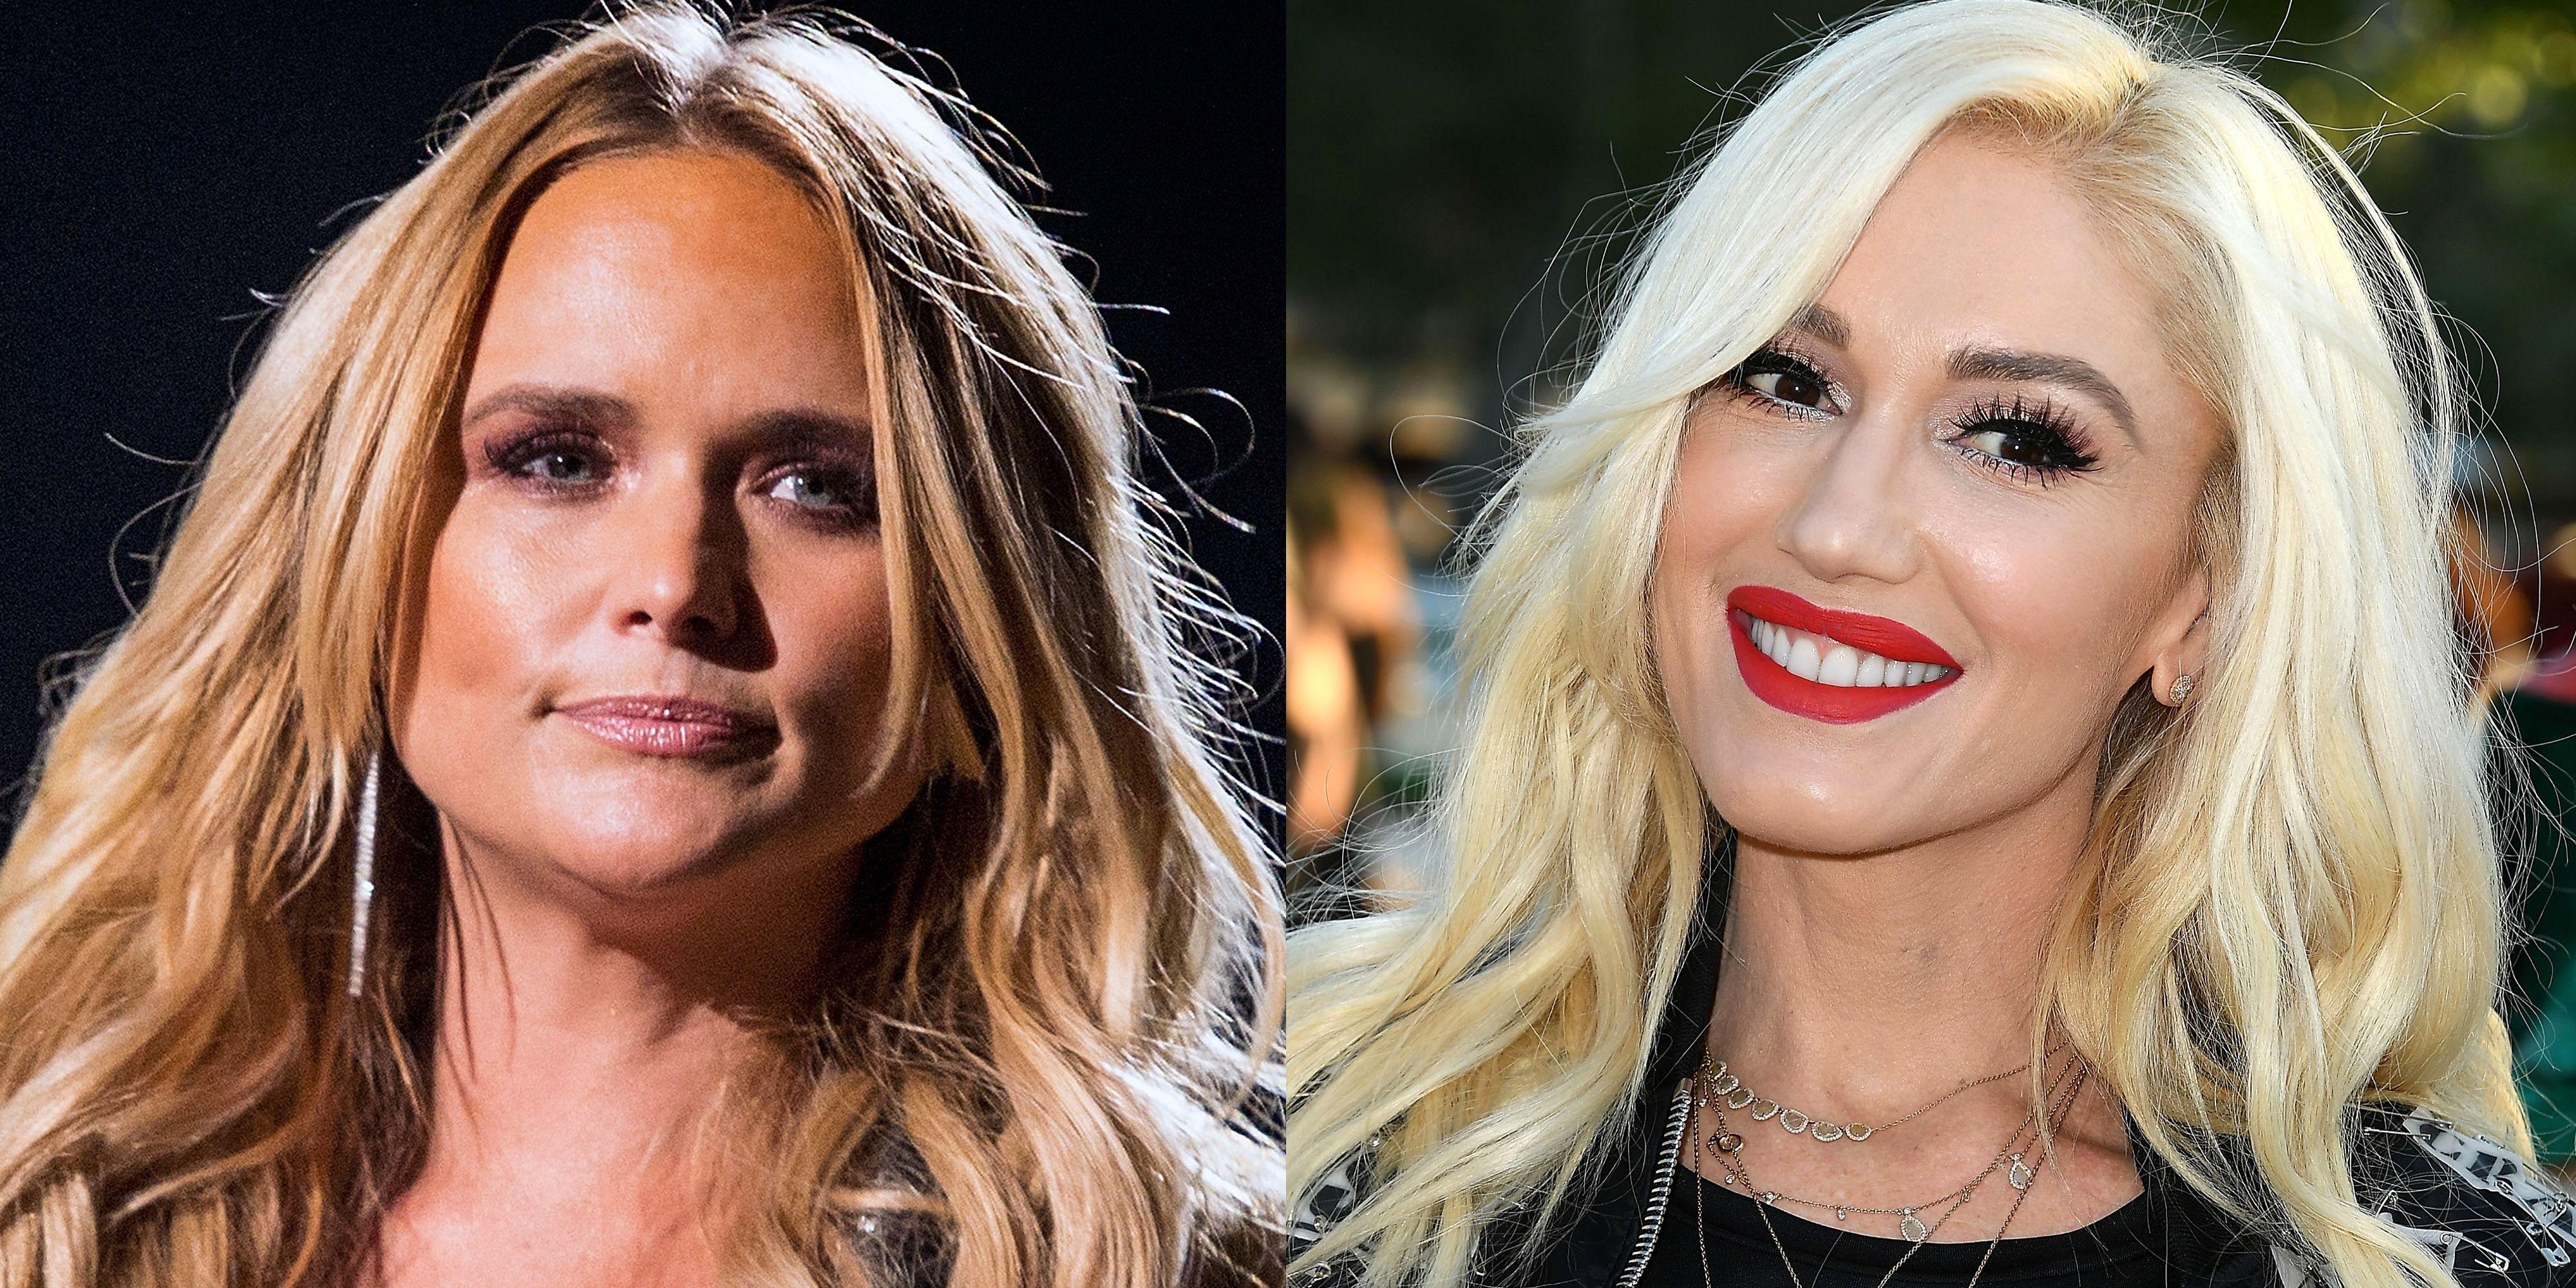 Forum on this topic: Miranda Lambert Finally Talks About Gwen Stefani, miranda-lambert-finally-talks-about-gwen-stefani/